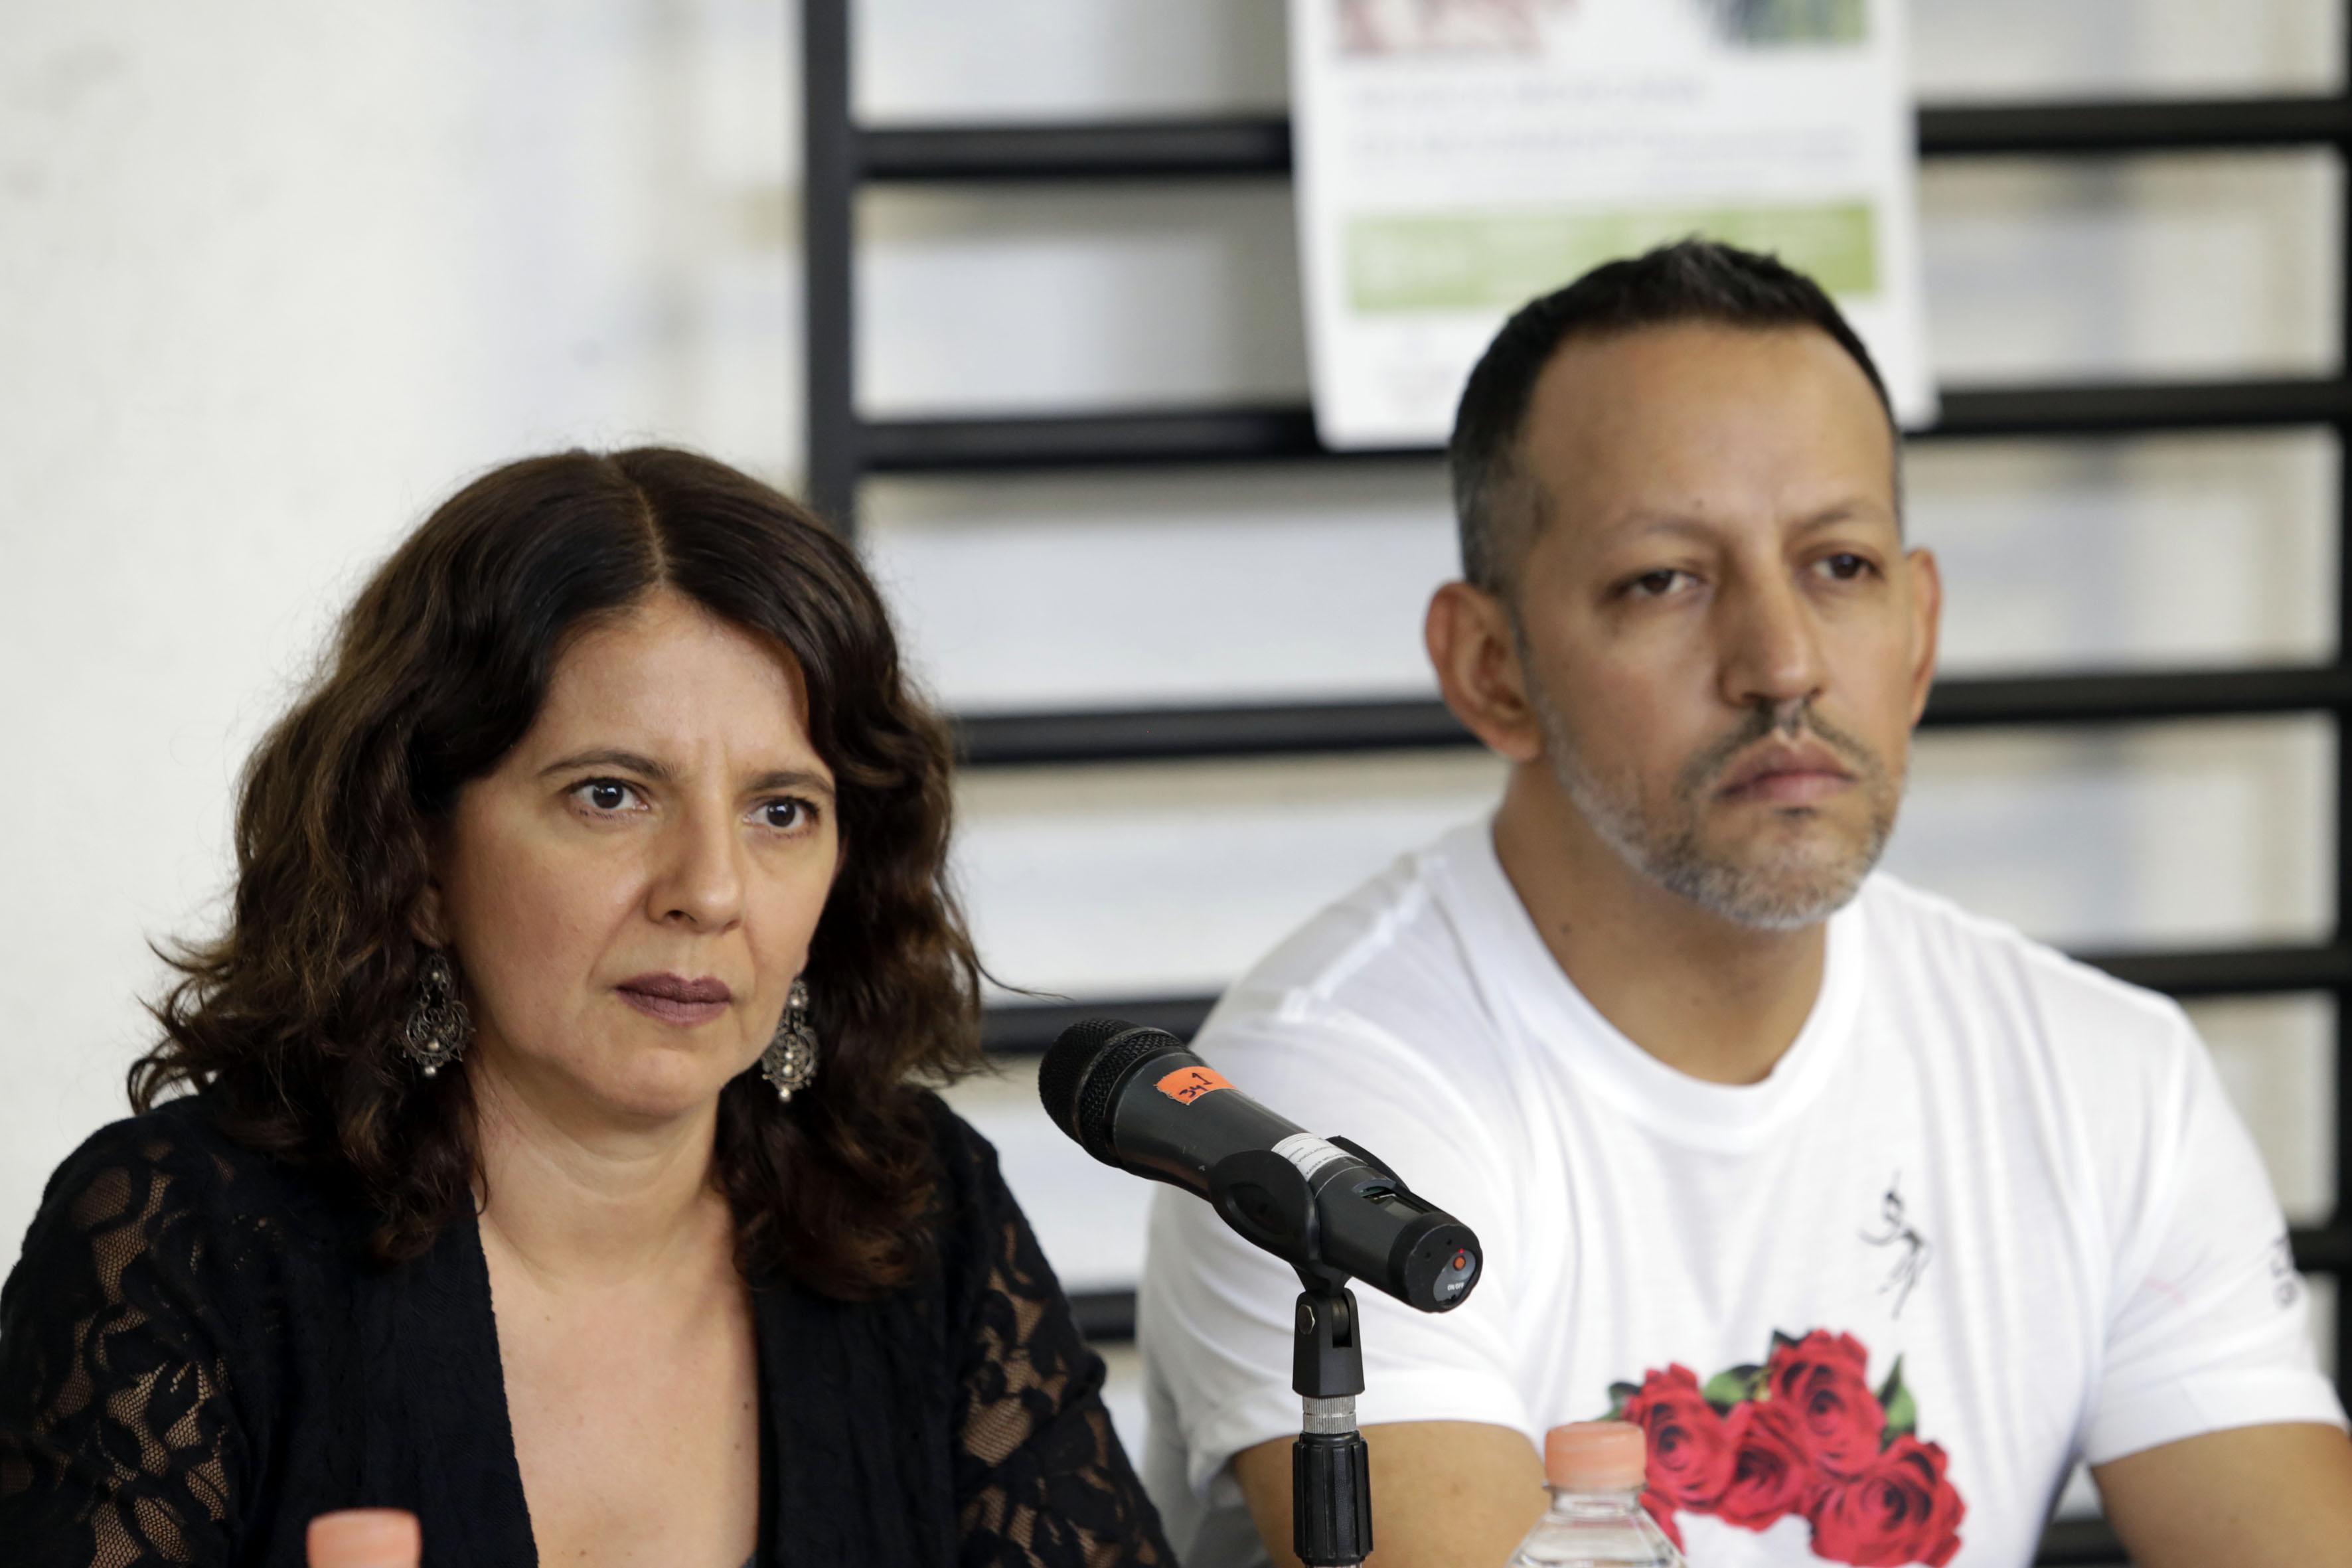 Patricia Aguirre (directora y productora de Gineceo) y Edgar Reyes (director artístico de Gineceo).